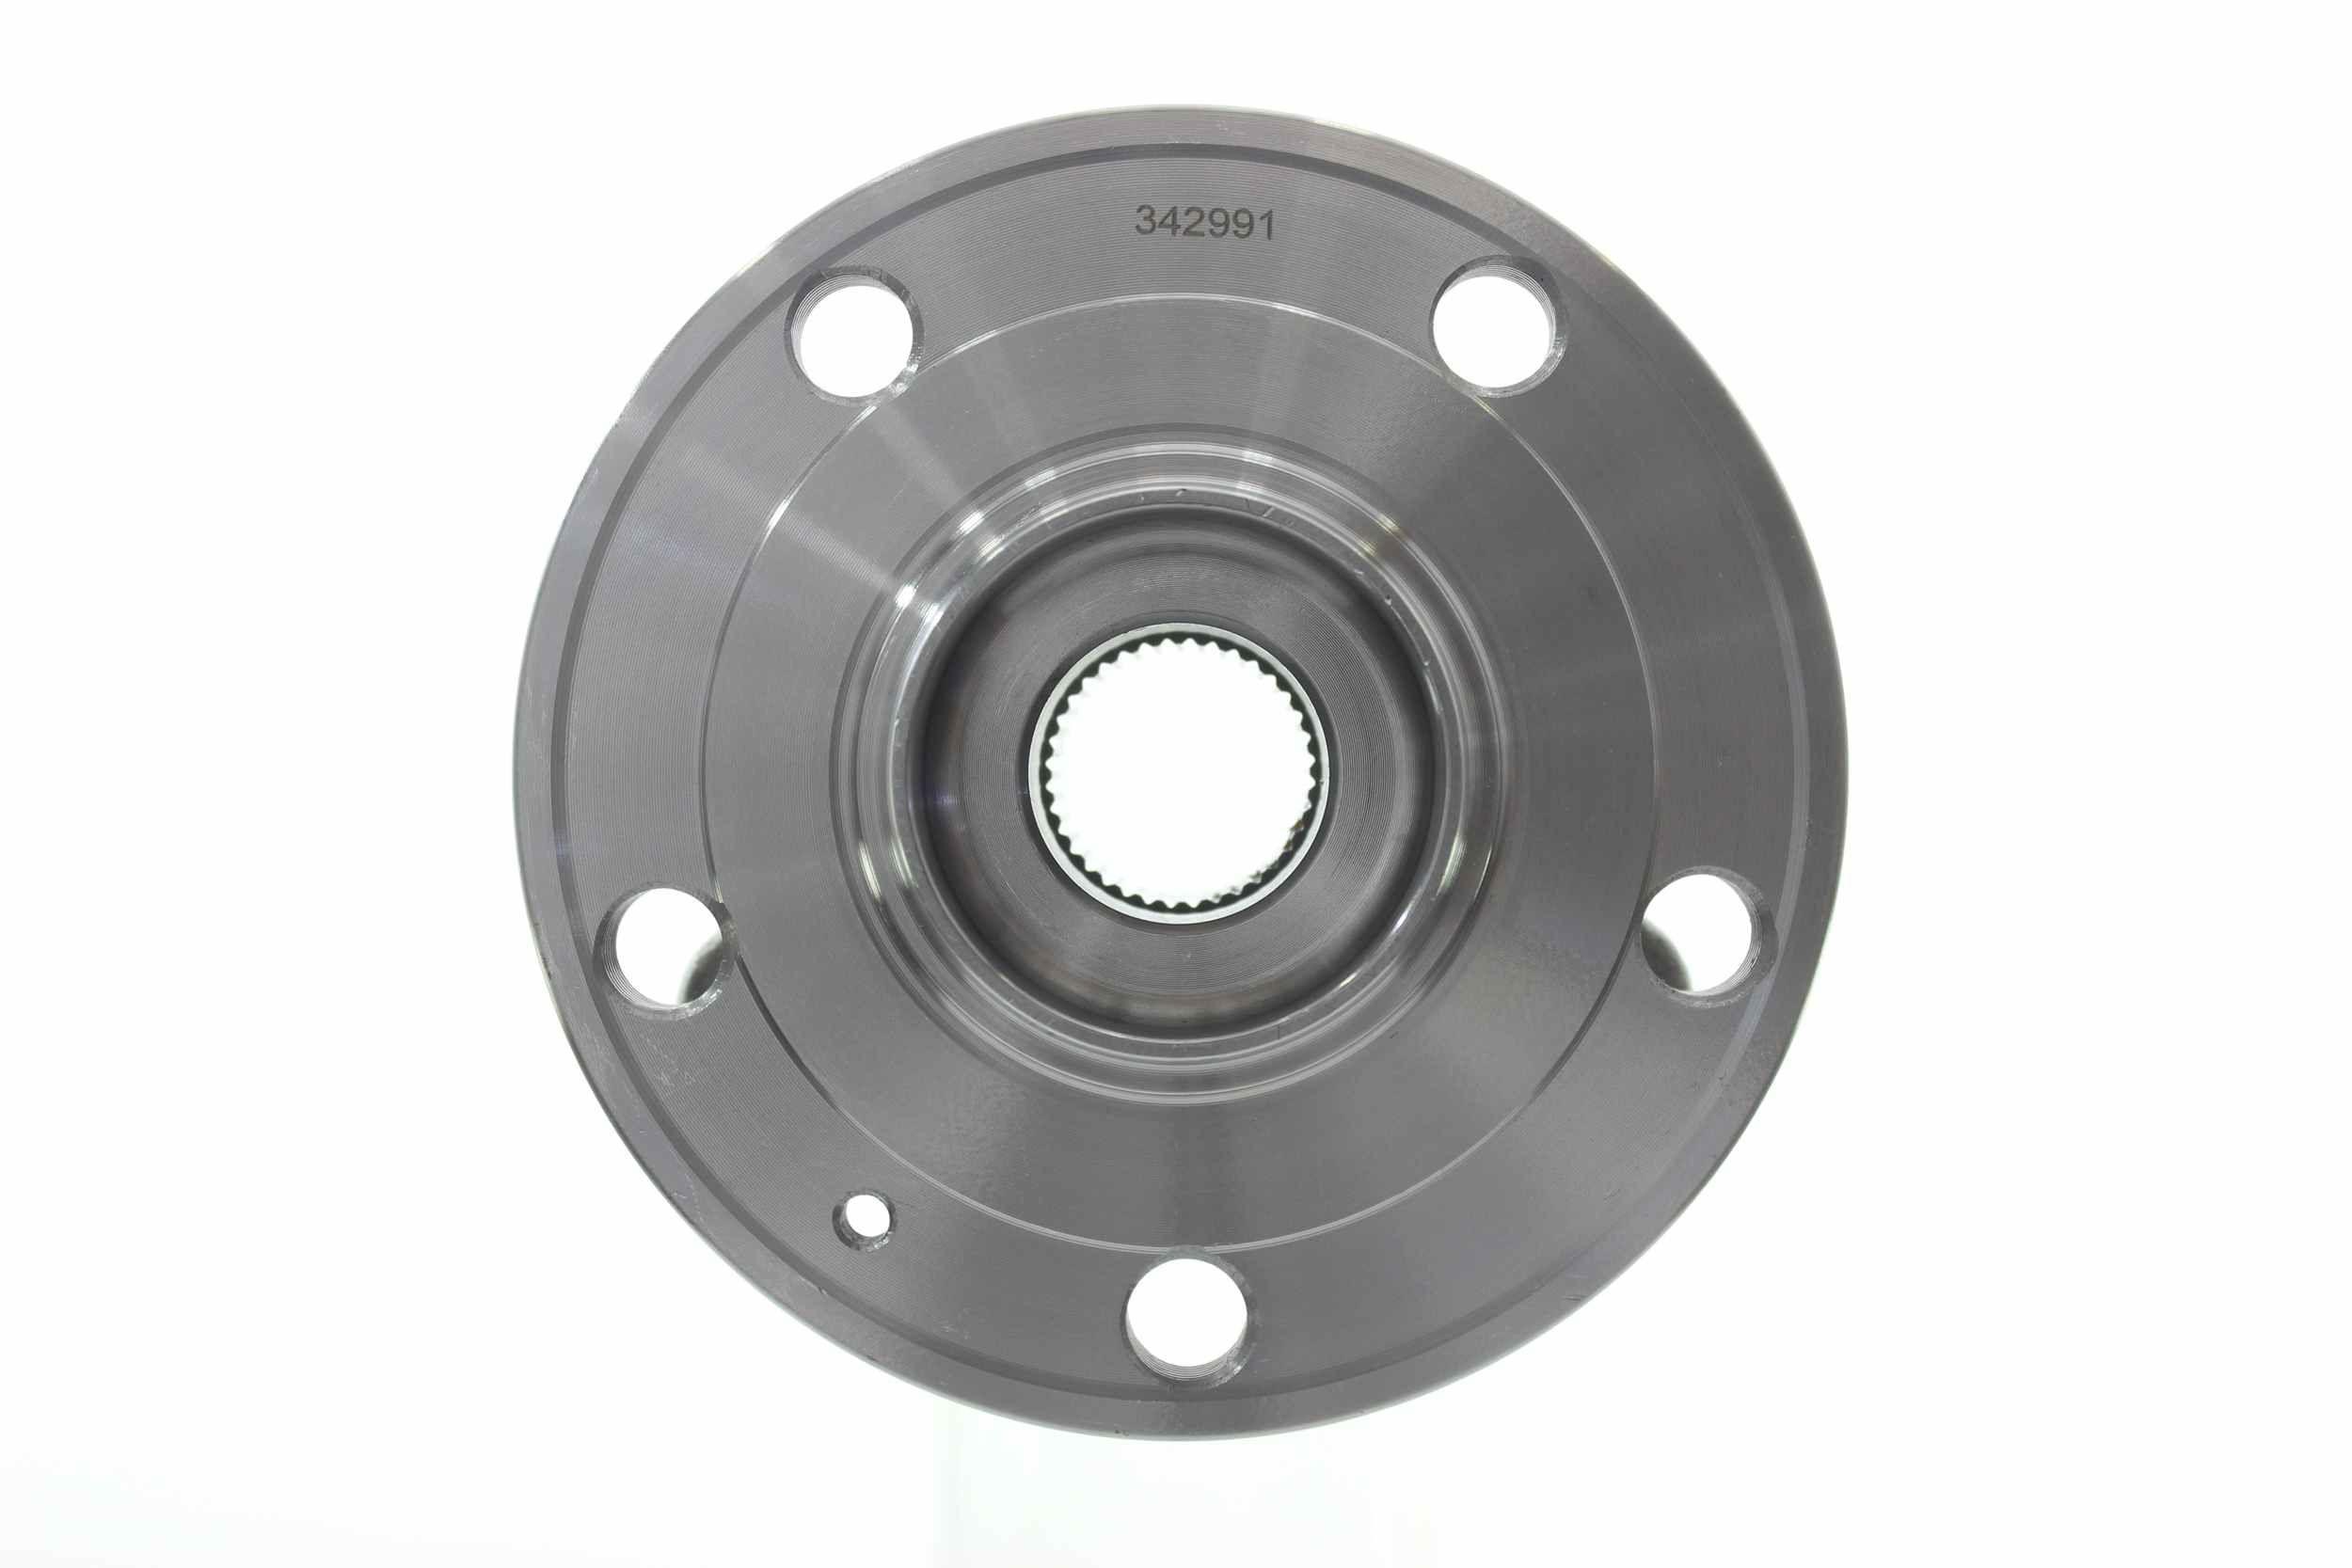 ALANKO Wheel Bearing Kit 10342991